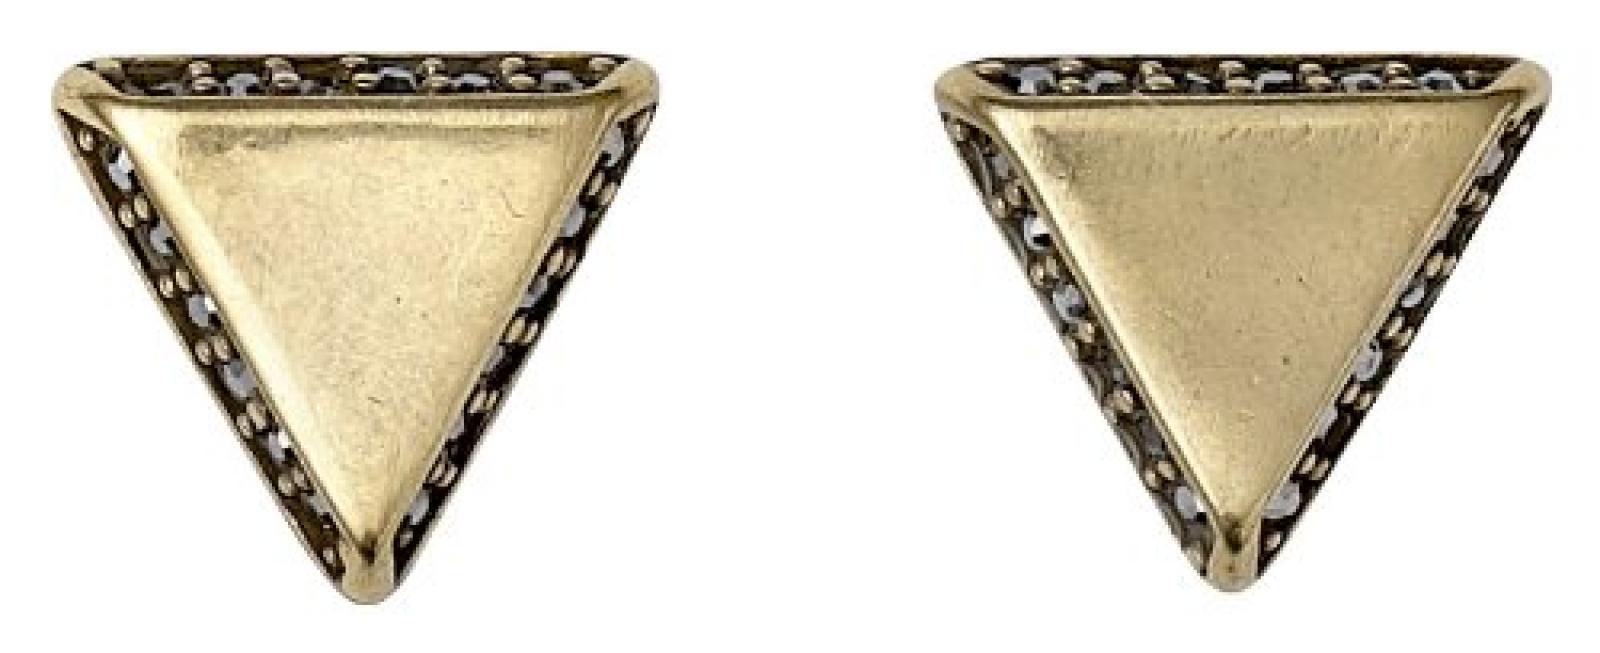 Pilgrim Jewelry Damen-Ohrenstecker  aus der Serie Philosophy vergoldet grau 1.0 cm 151312103